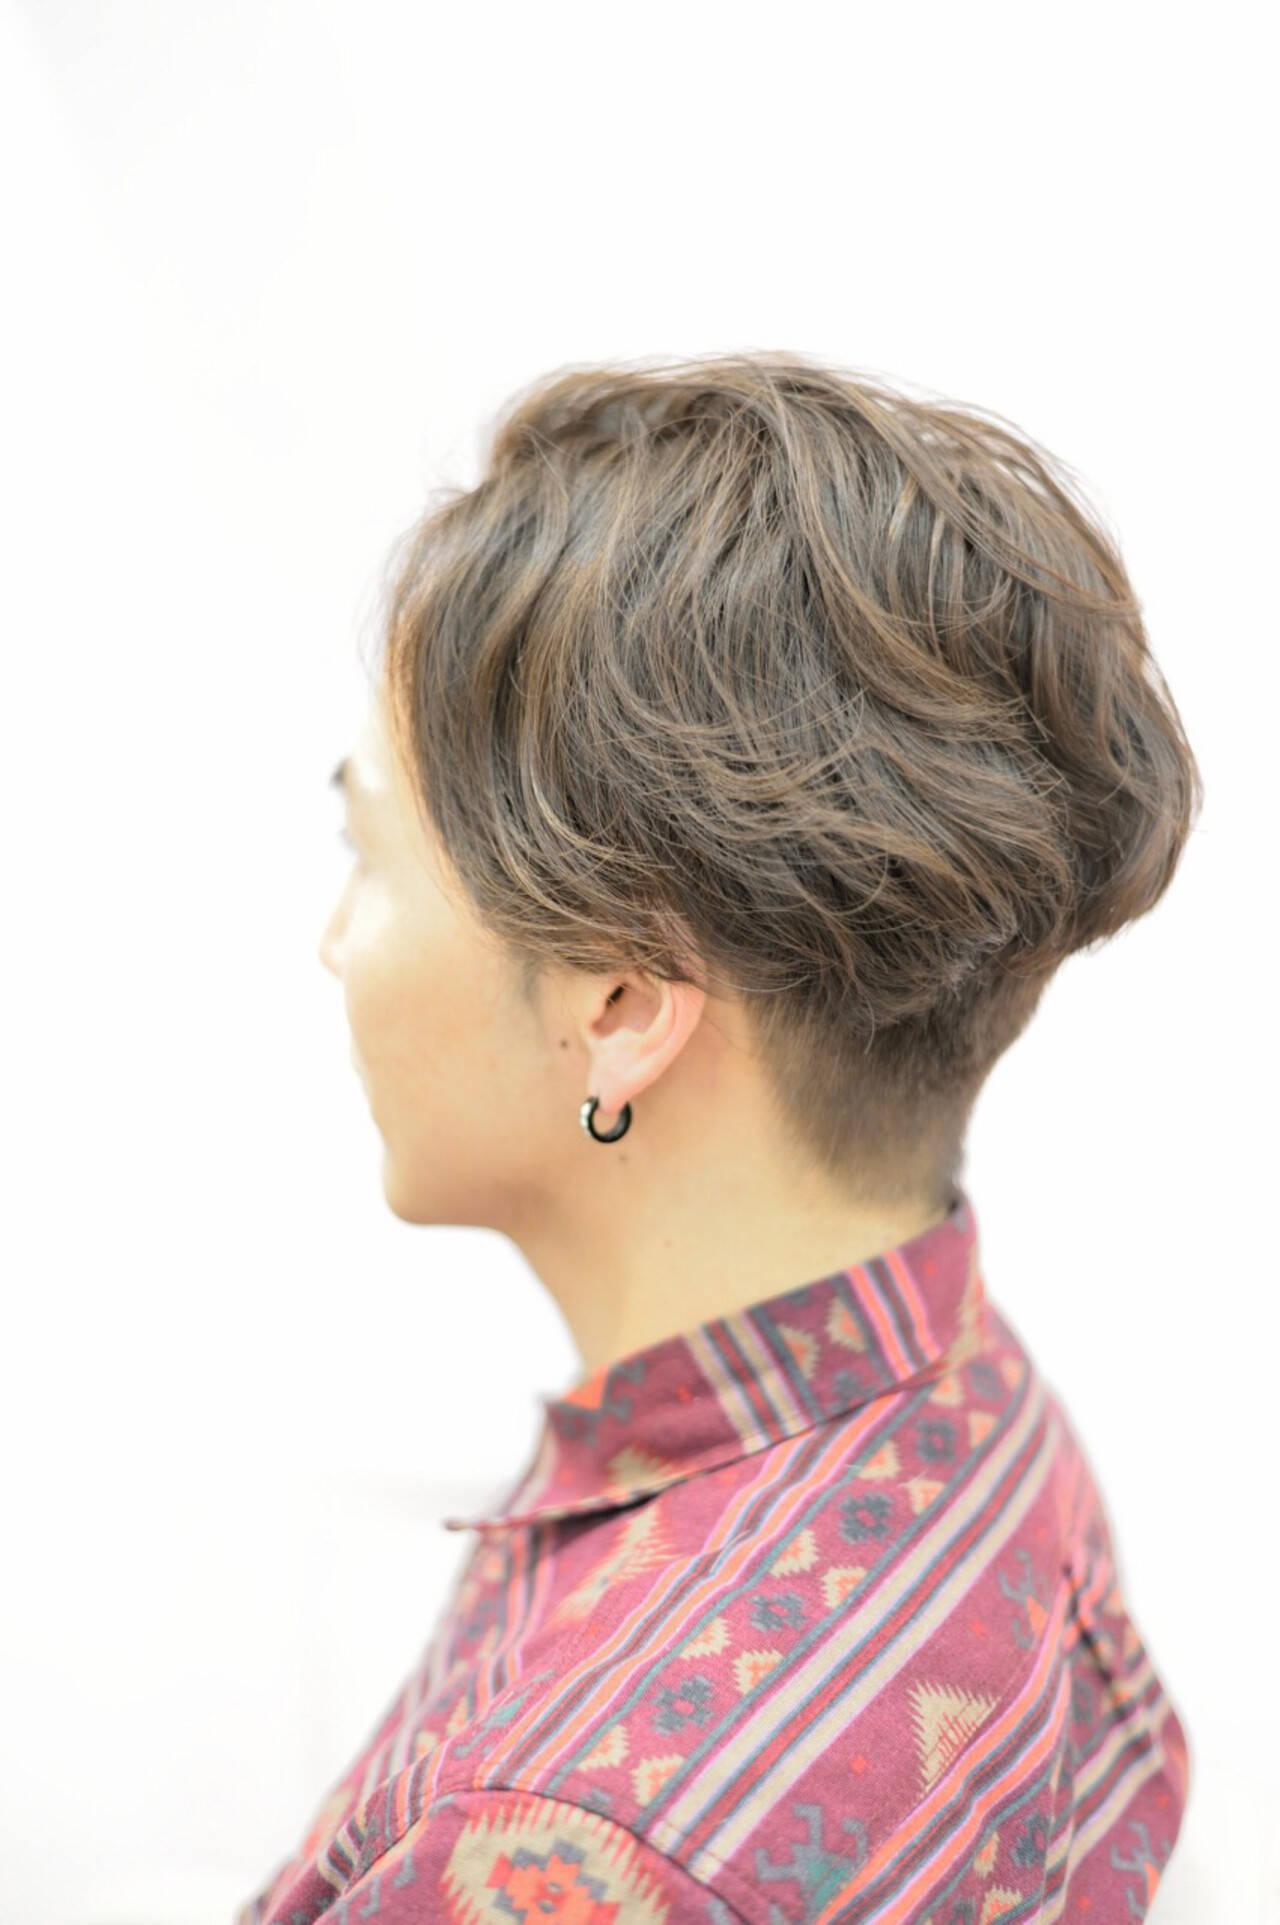 外国人風 メンズ ナチュラル パーマヘアスタイルや髪型の写真・画像